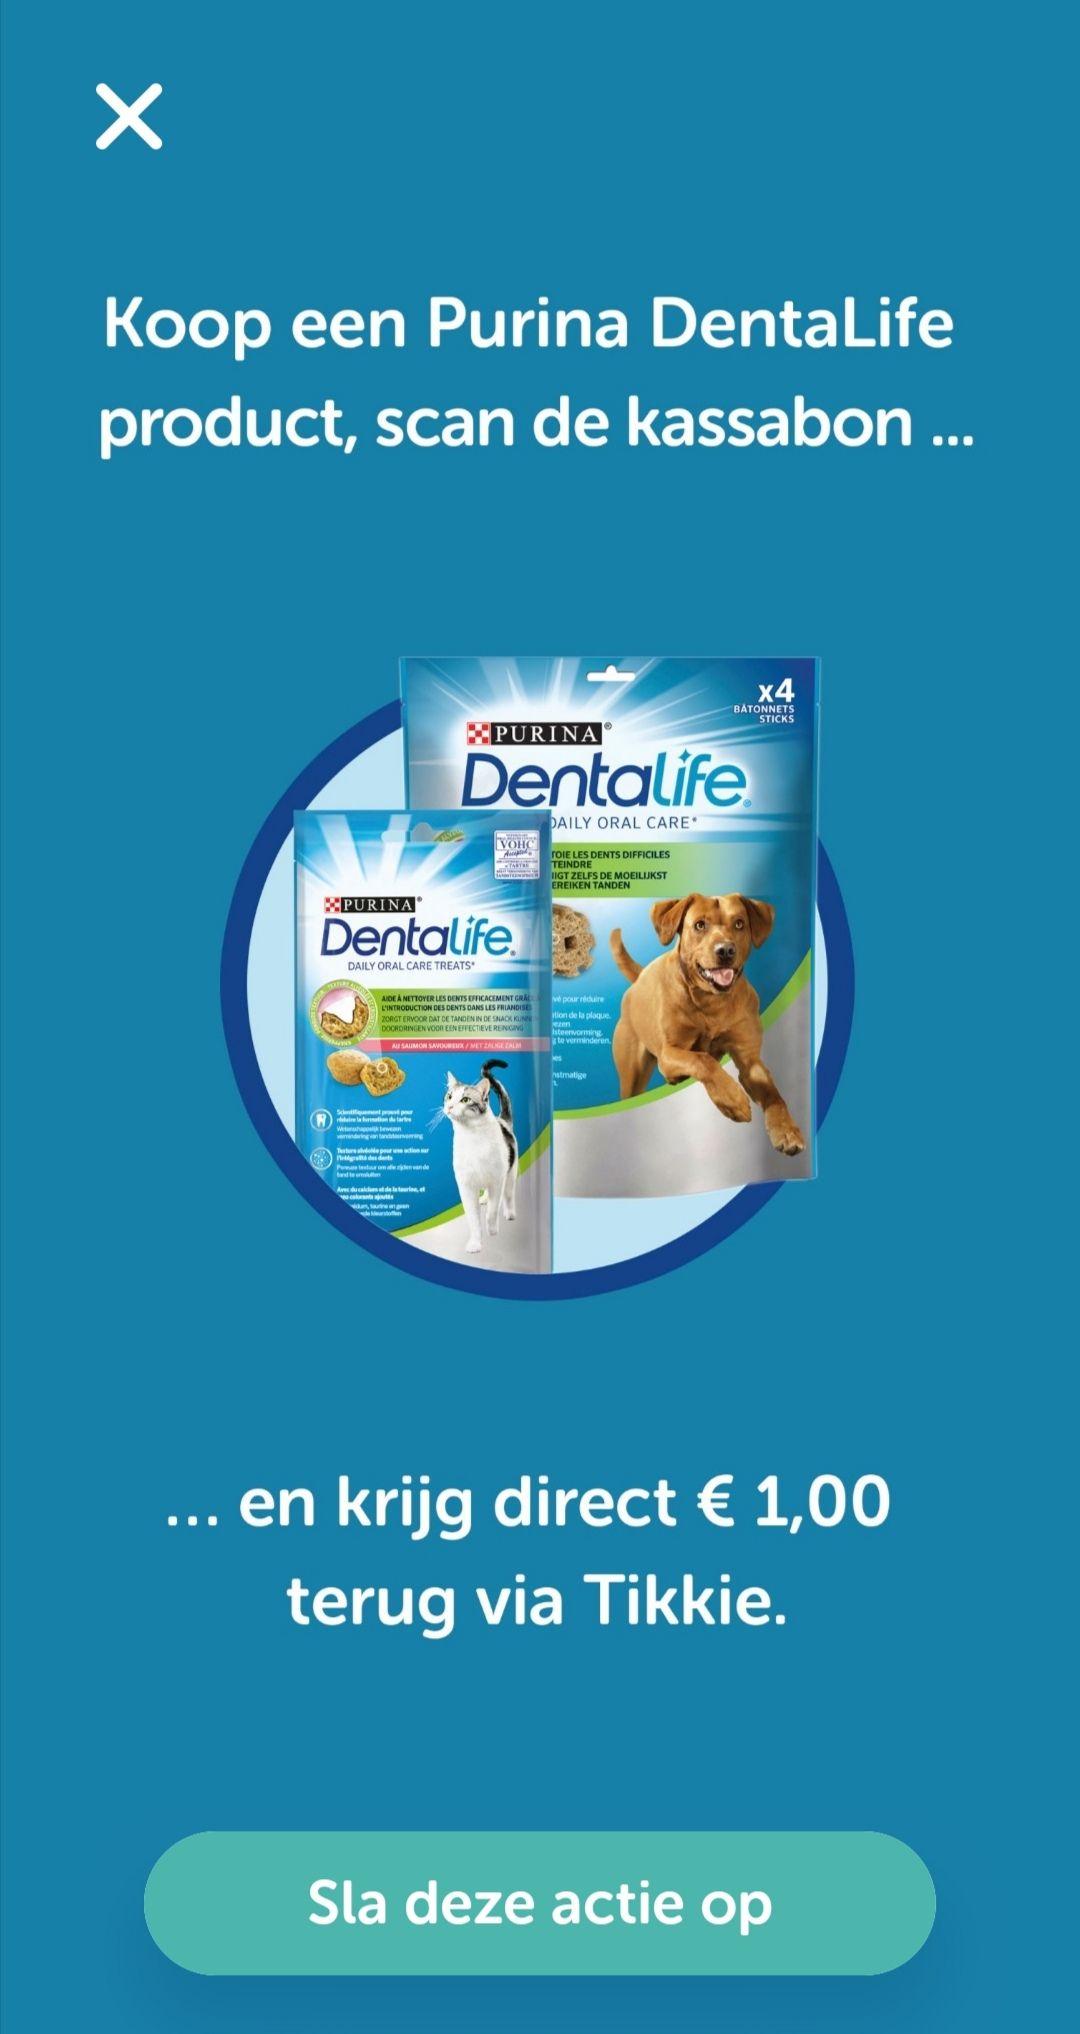 €1 Cashback op Purina Dentalife met Tikkie